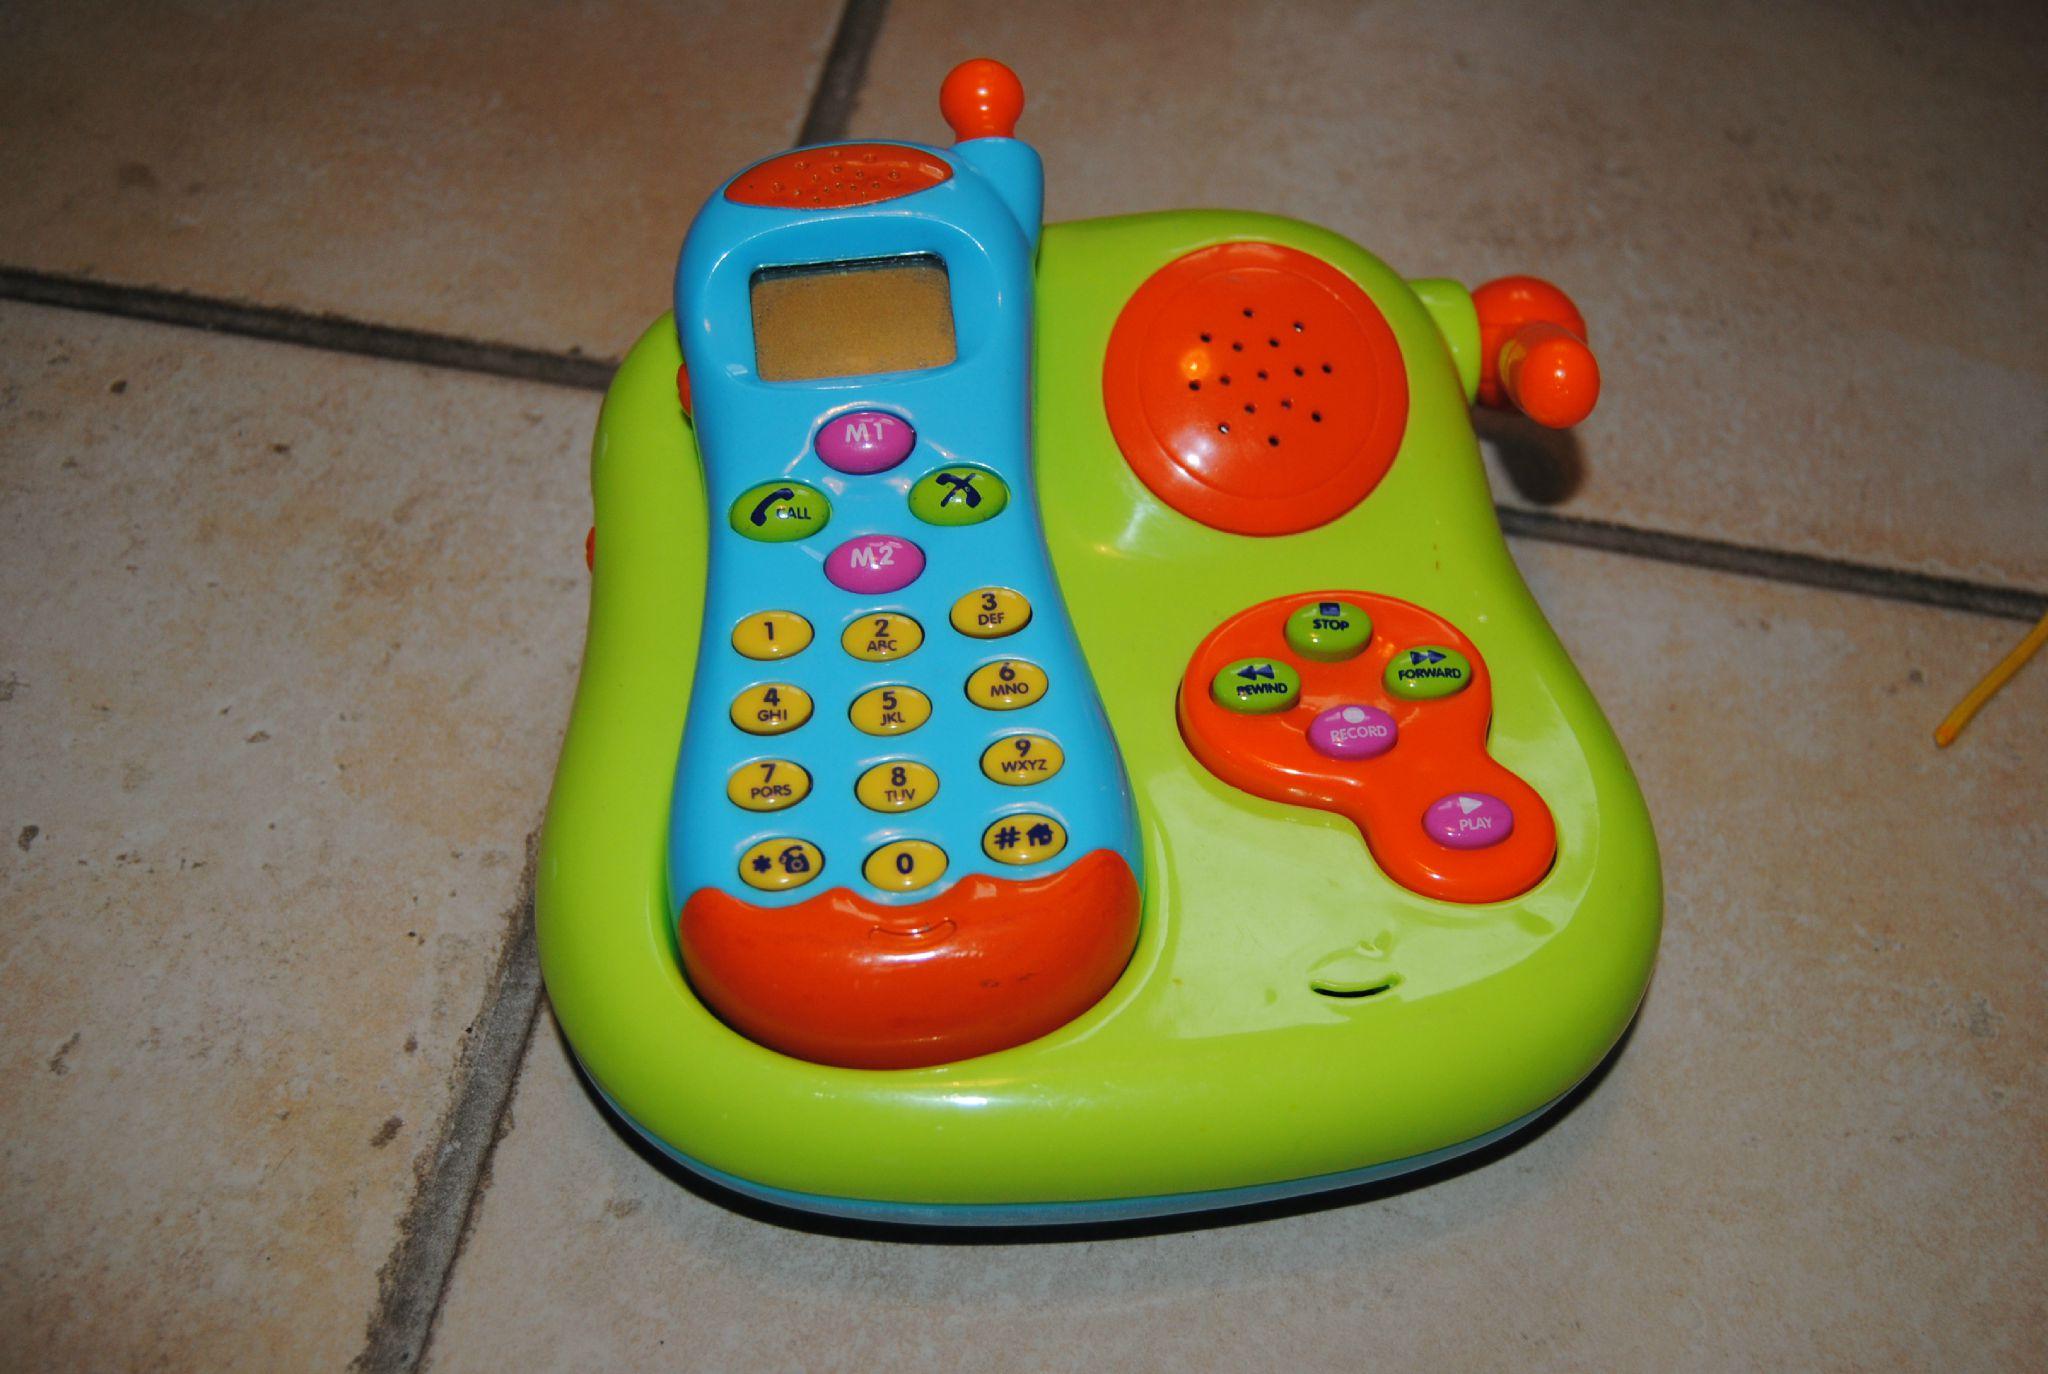 Telephone Interactif Fnac Eveil Et Jeux - Mes Choupettes destiné Jeu Interactif Enfant